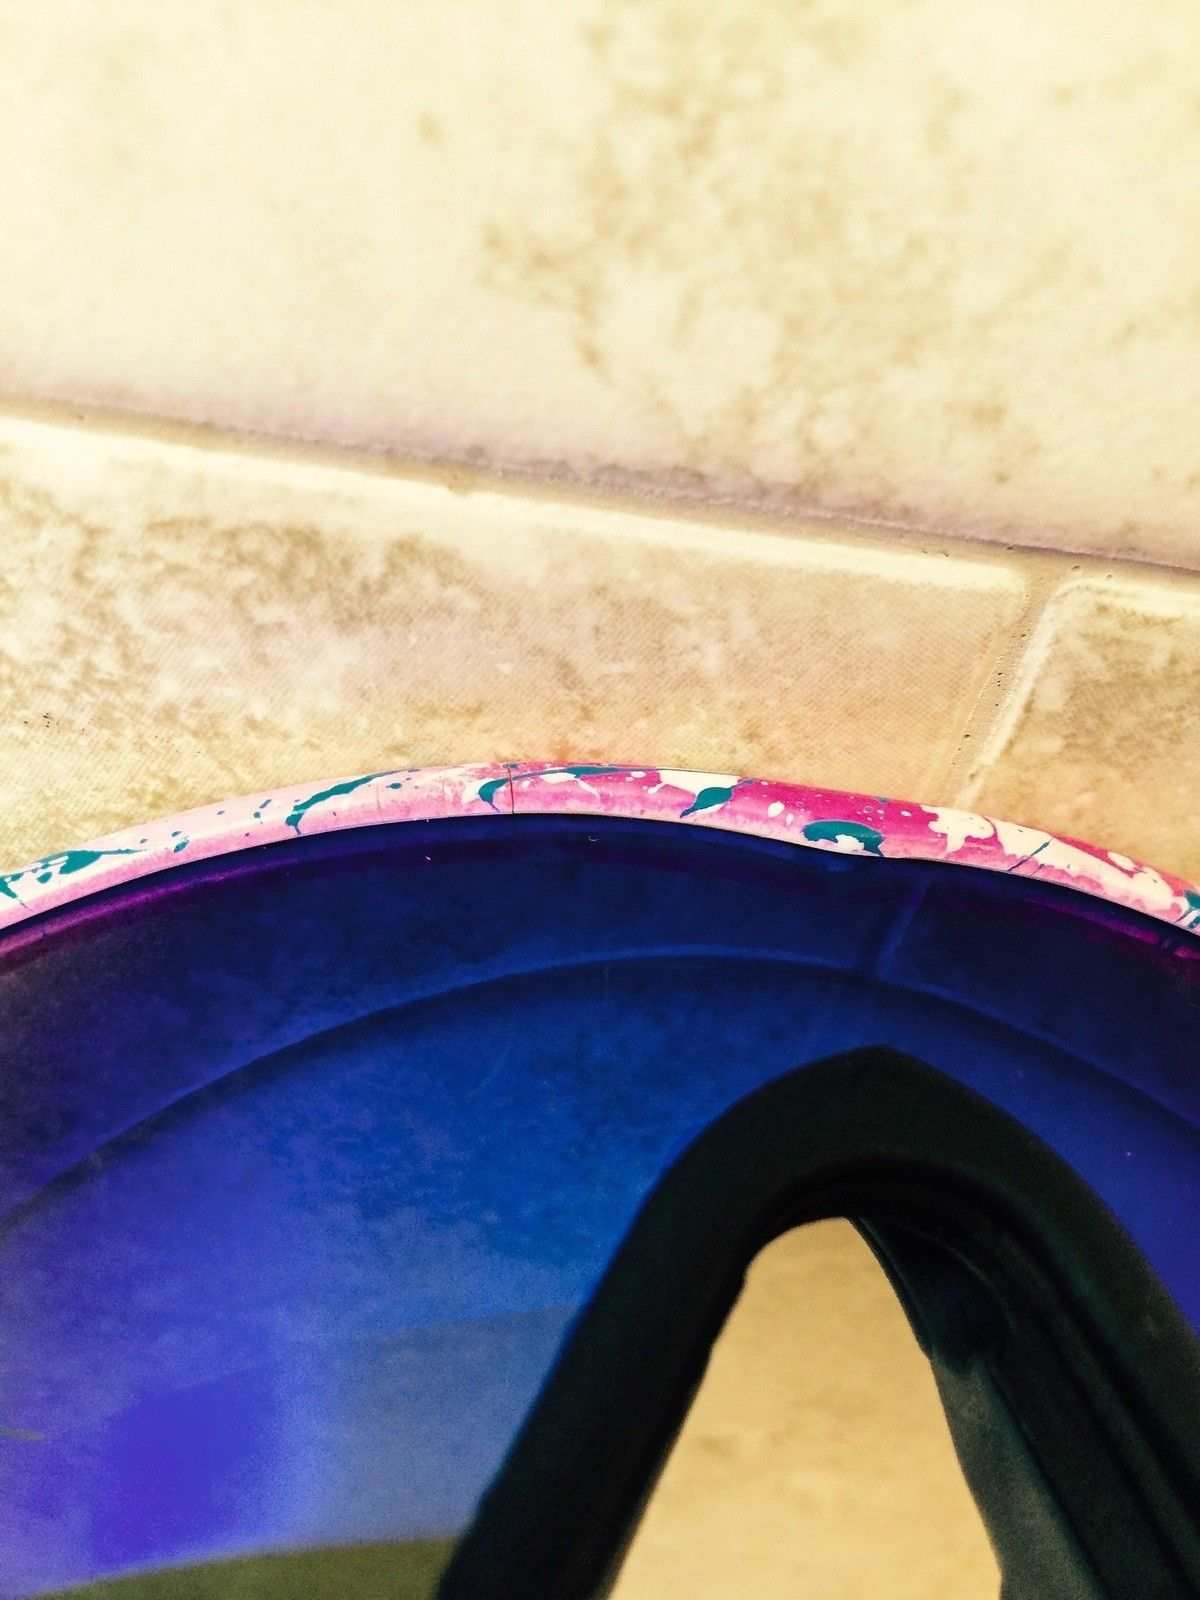 M Frame Splatter - image.jpg